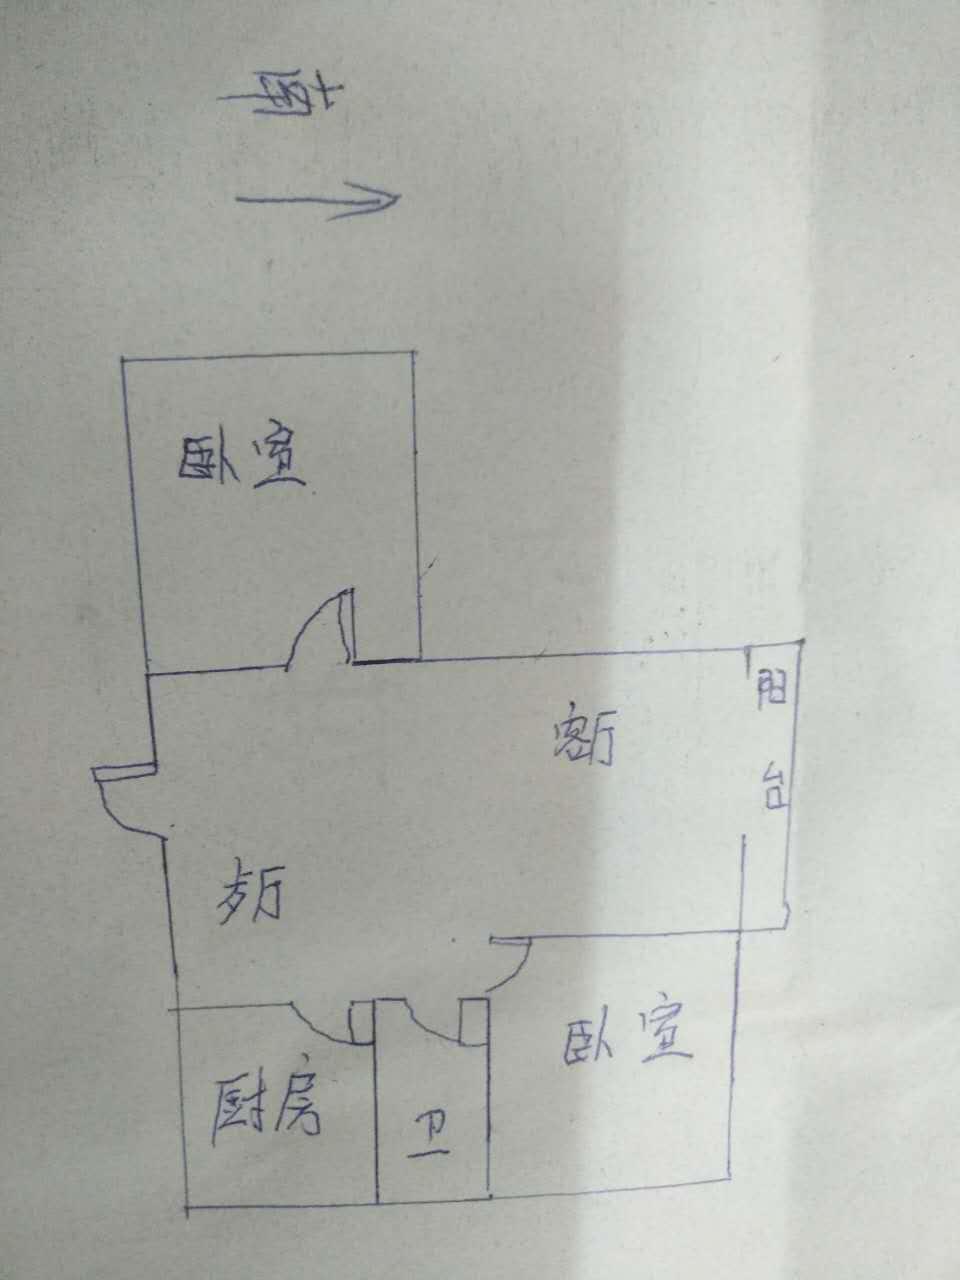 尚城国际 2室2厅 1楼